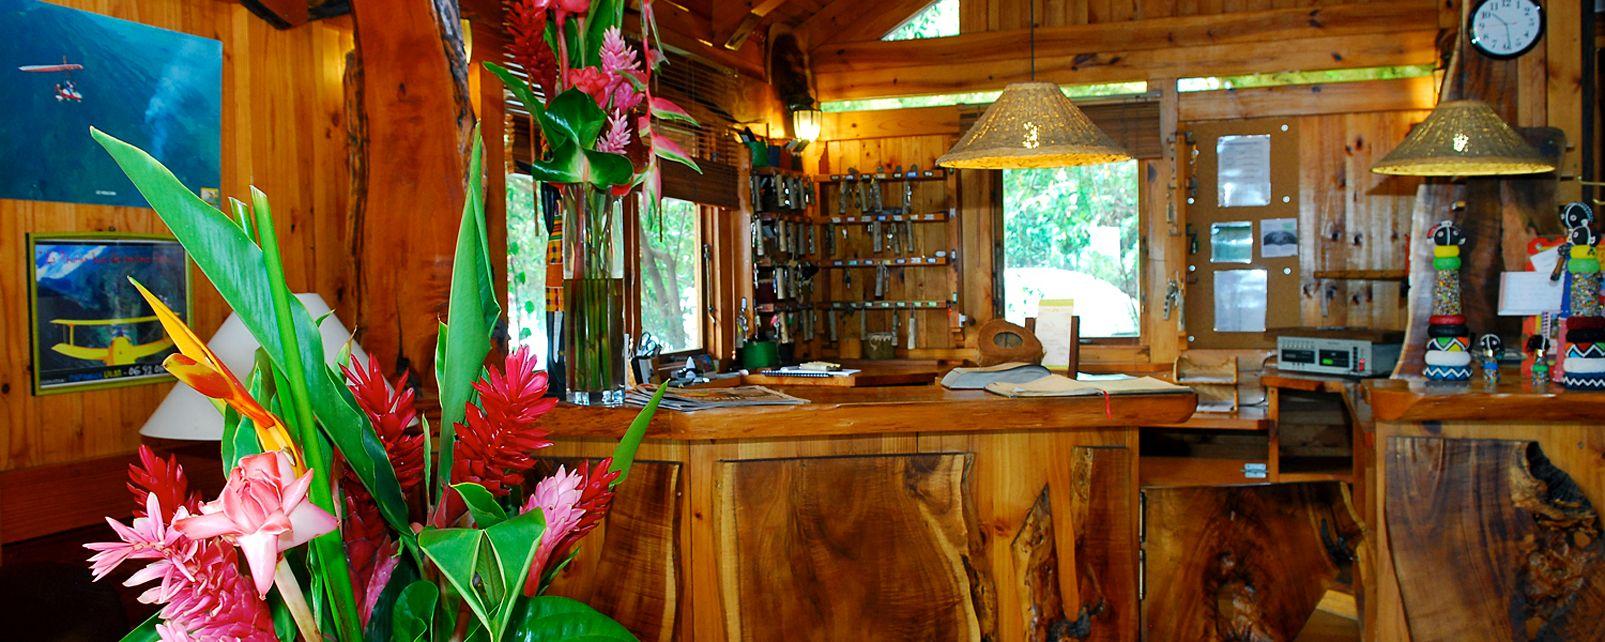 Hotel Lodge Roche Tamarin